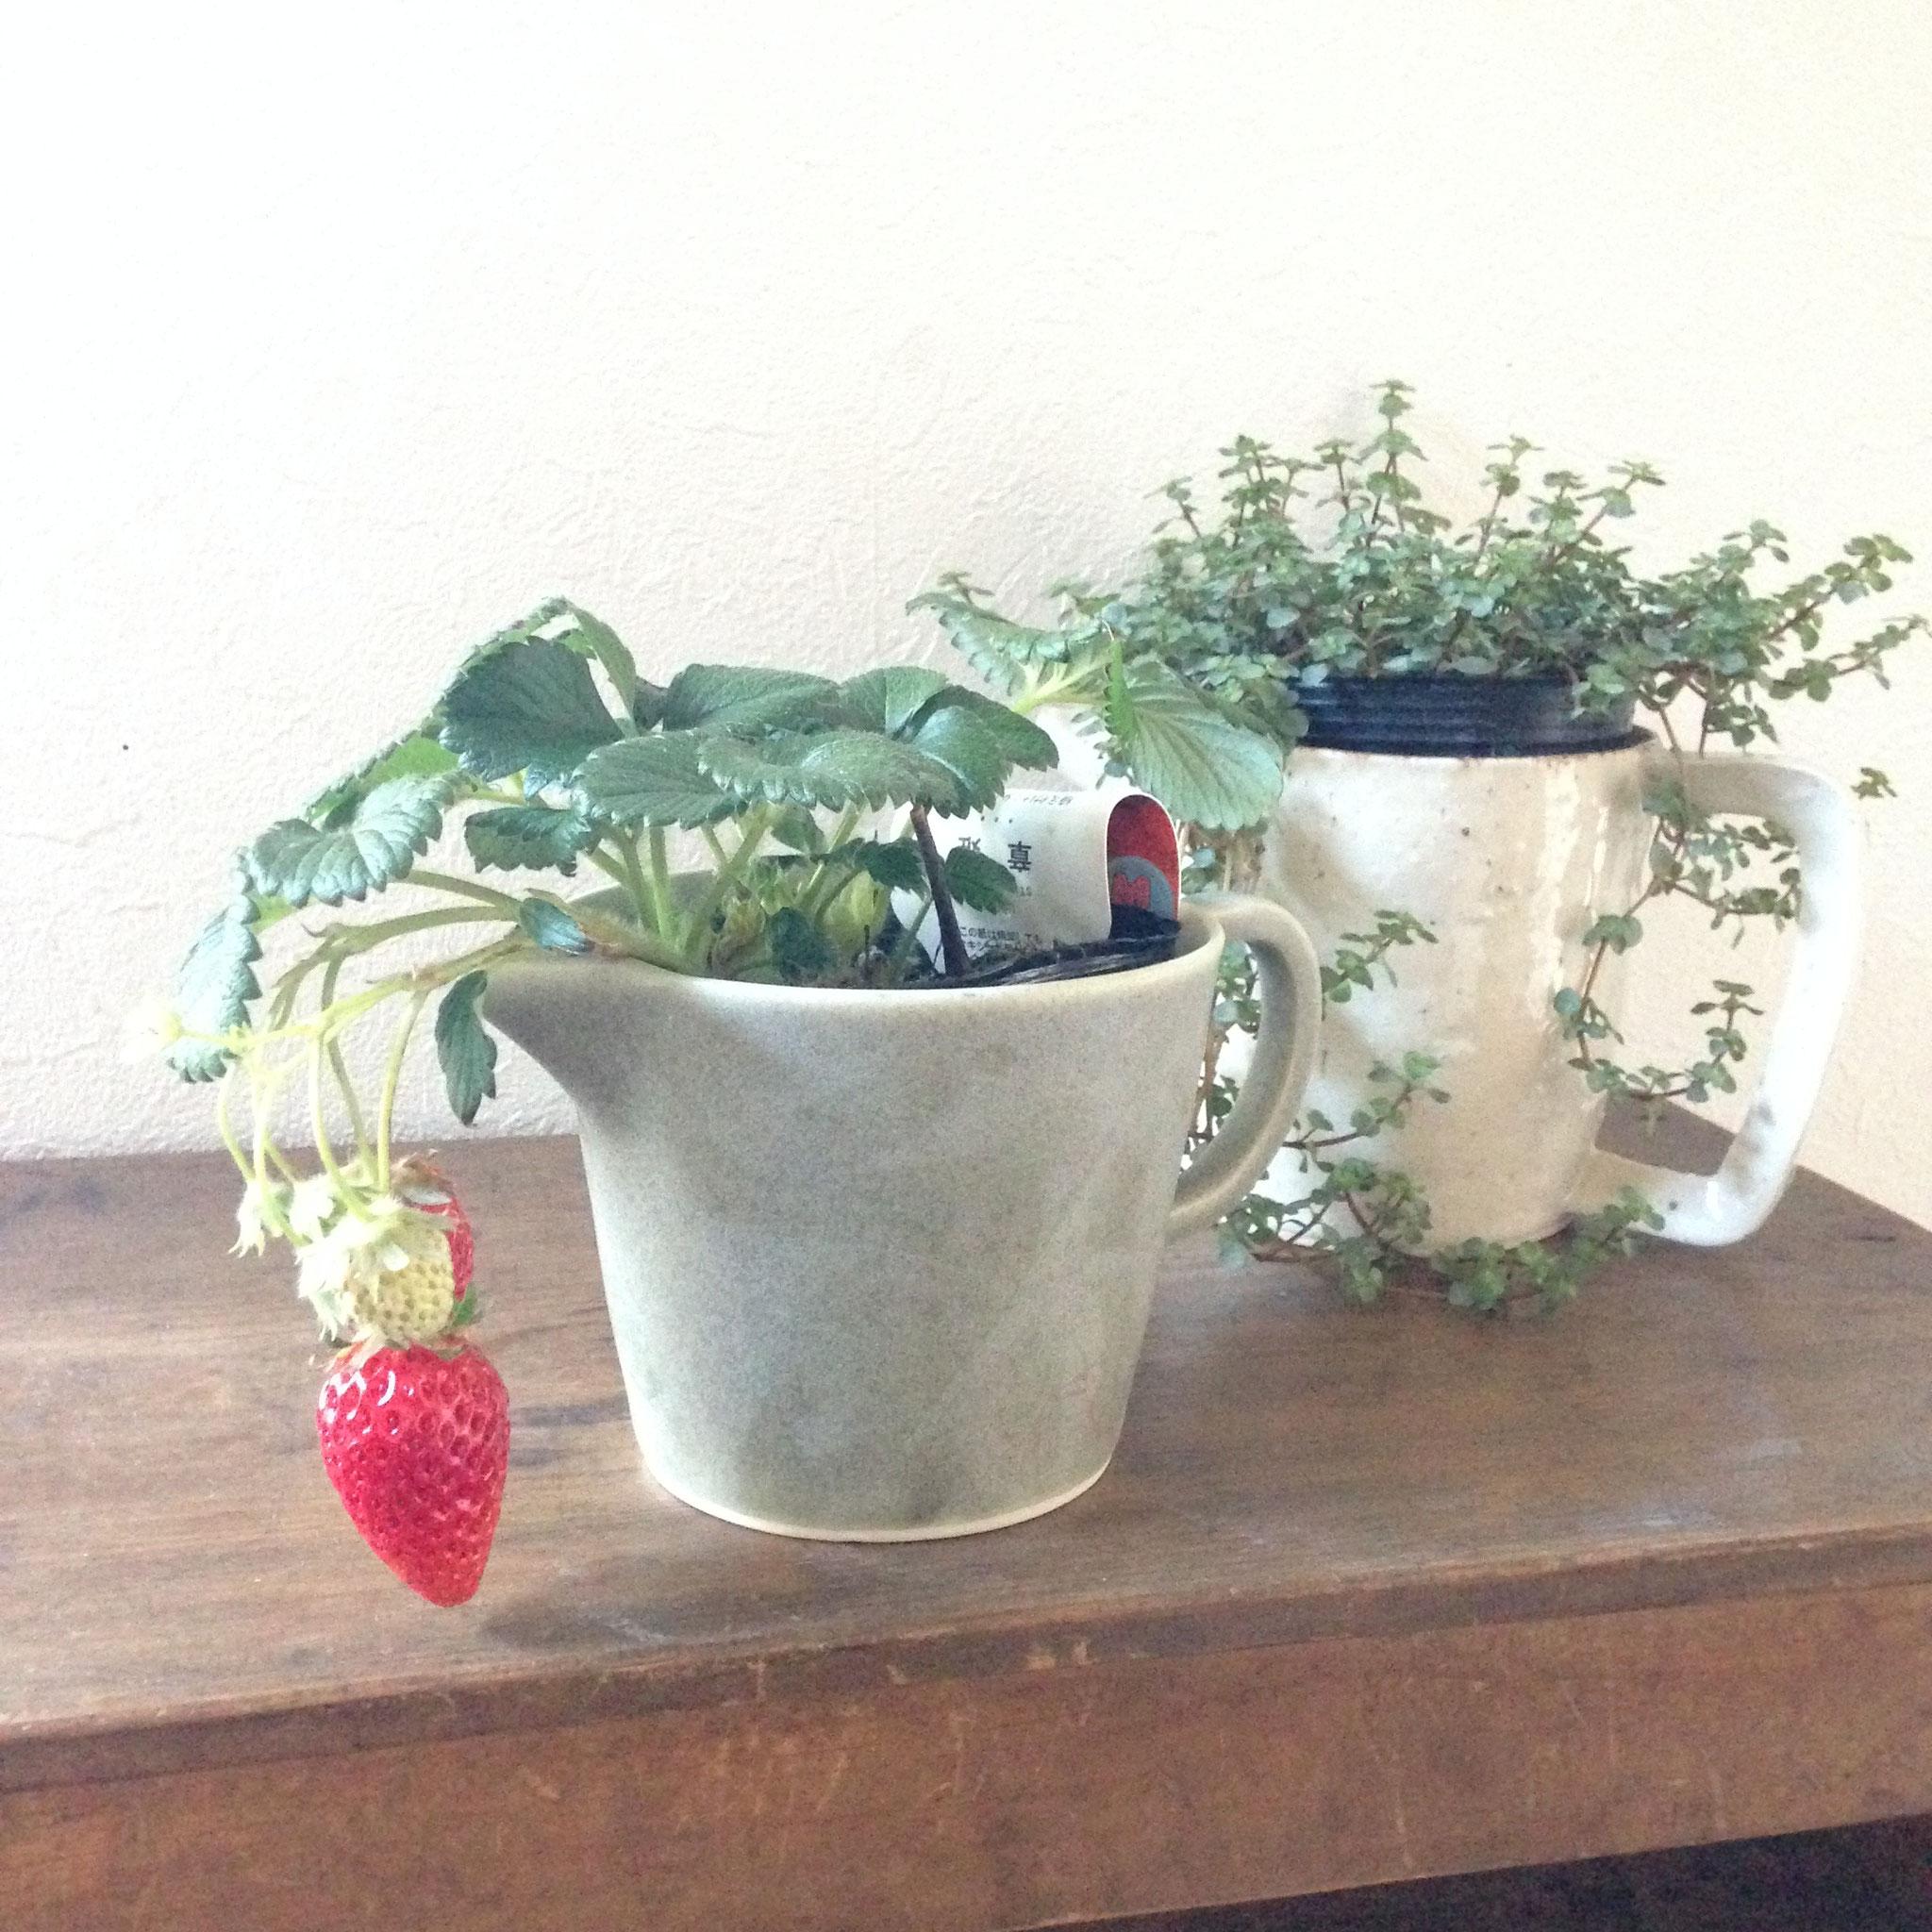 片口、ピッチャーに植物を入れてみました。